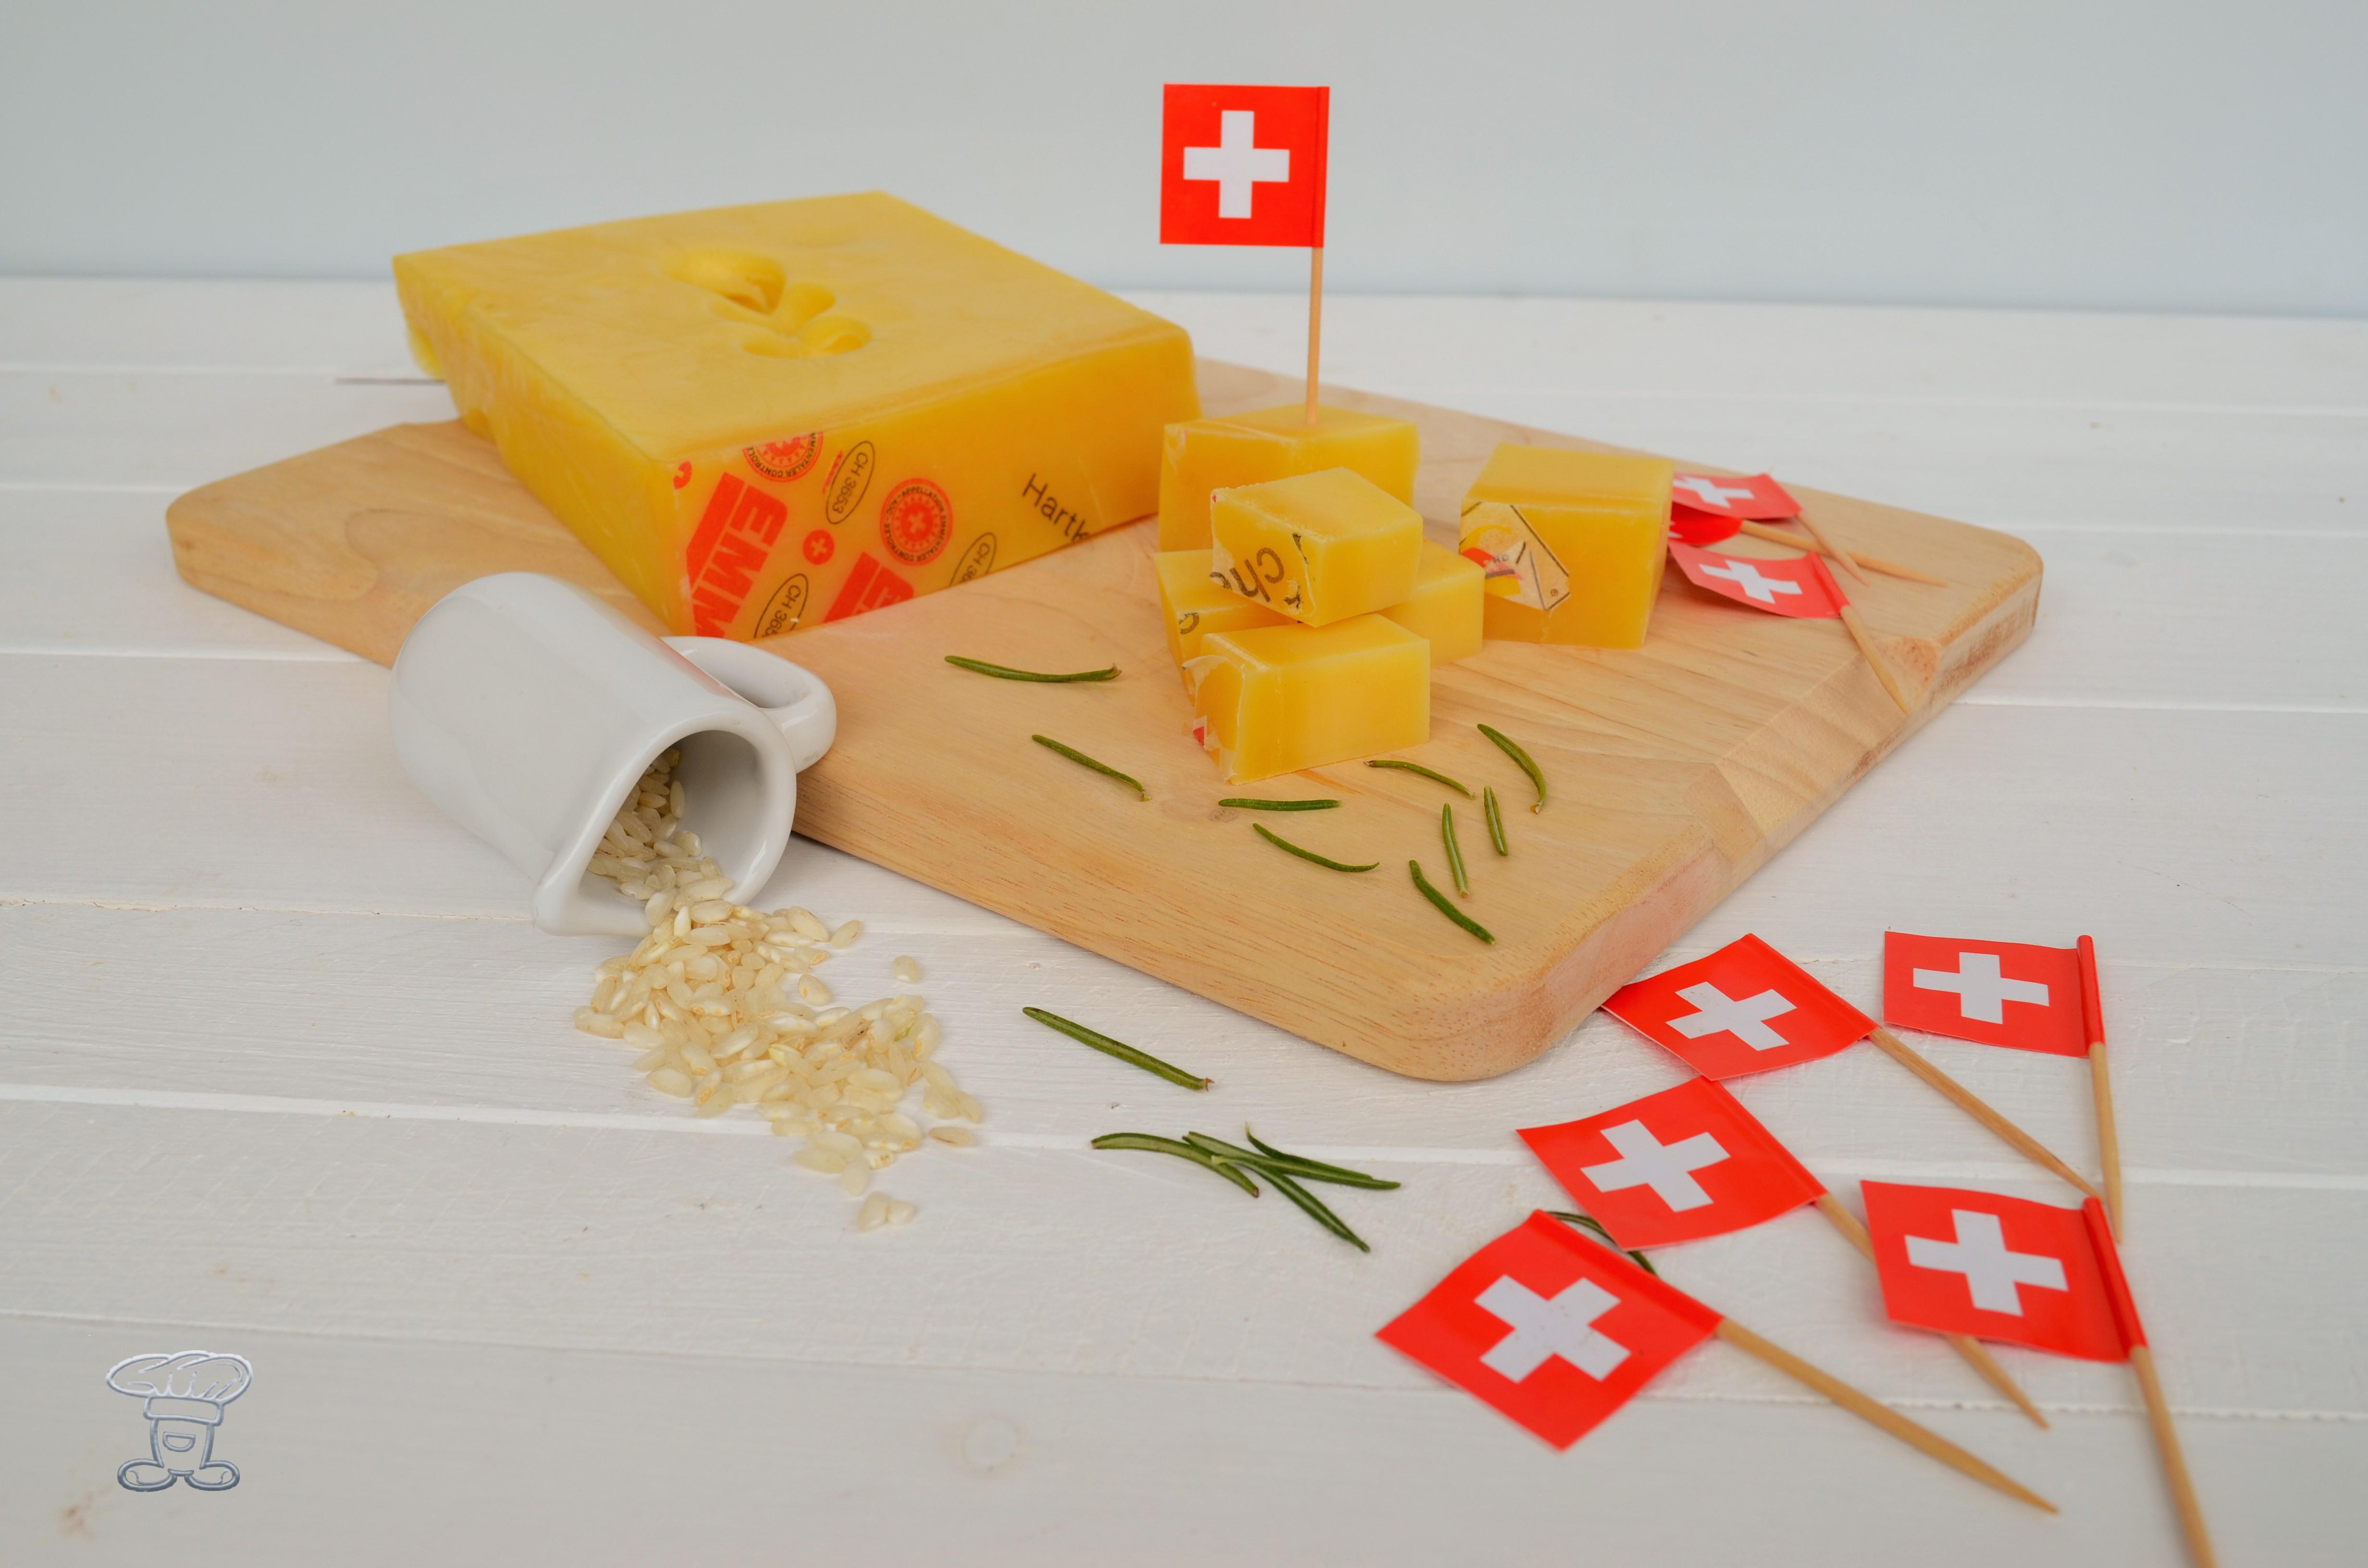 dsc_0560 Polpette di riso con Emmentaler DOP e Pancetta croccante